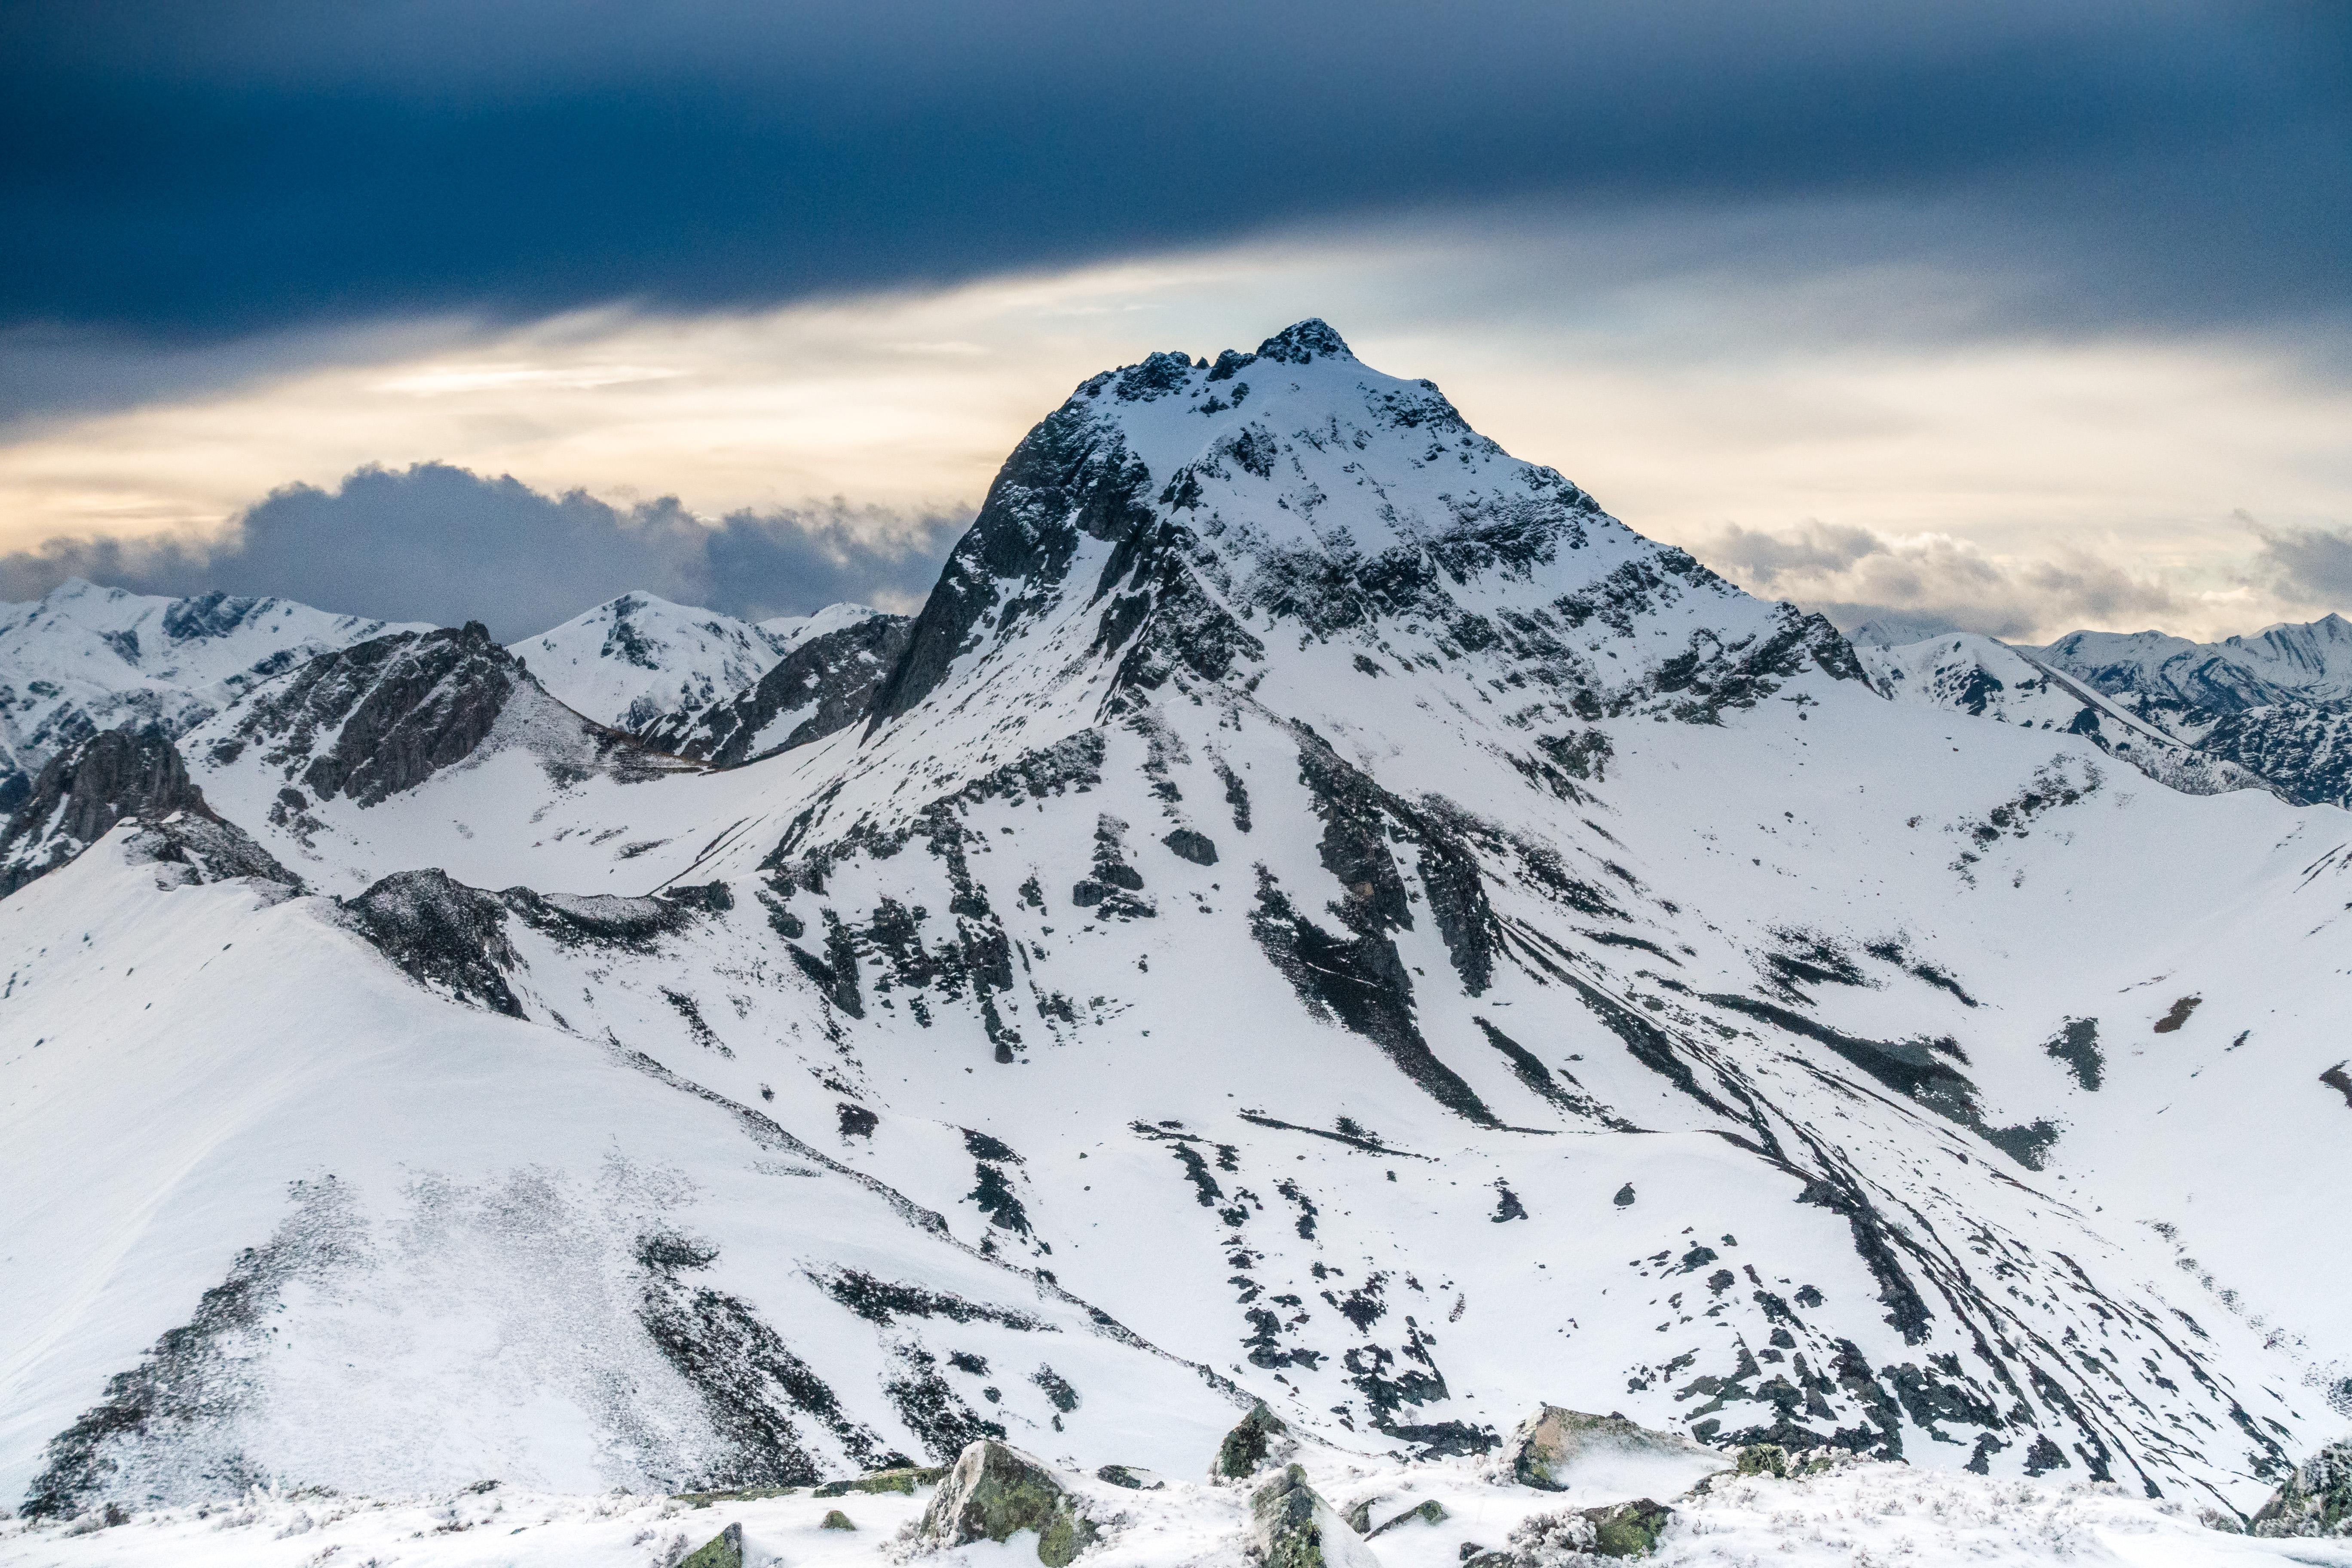 El Pico Torres se encuentra al noroeste del Puerto San Isidro y la localidad asturiana de La Raya. Es la mayor altura del Concejo de Caso y del Parque de Redes. Su afilada silueta es visible desde gran parte del Valle de Aller